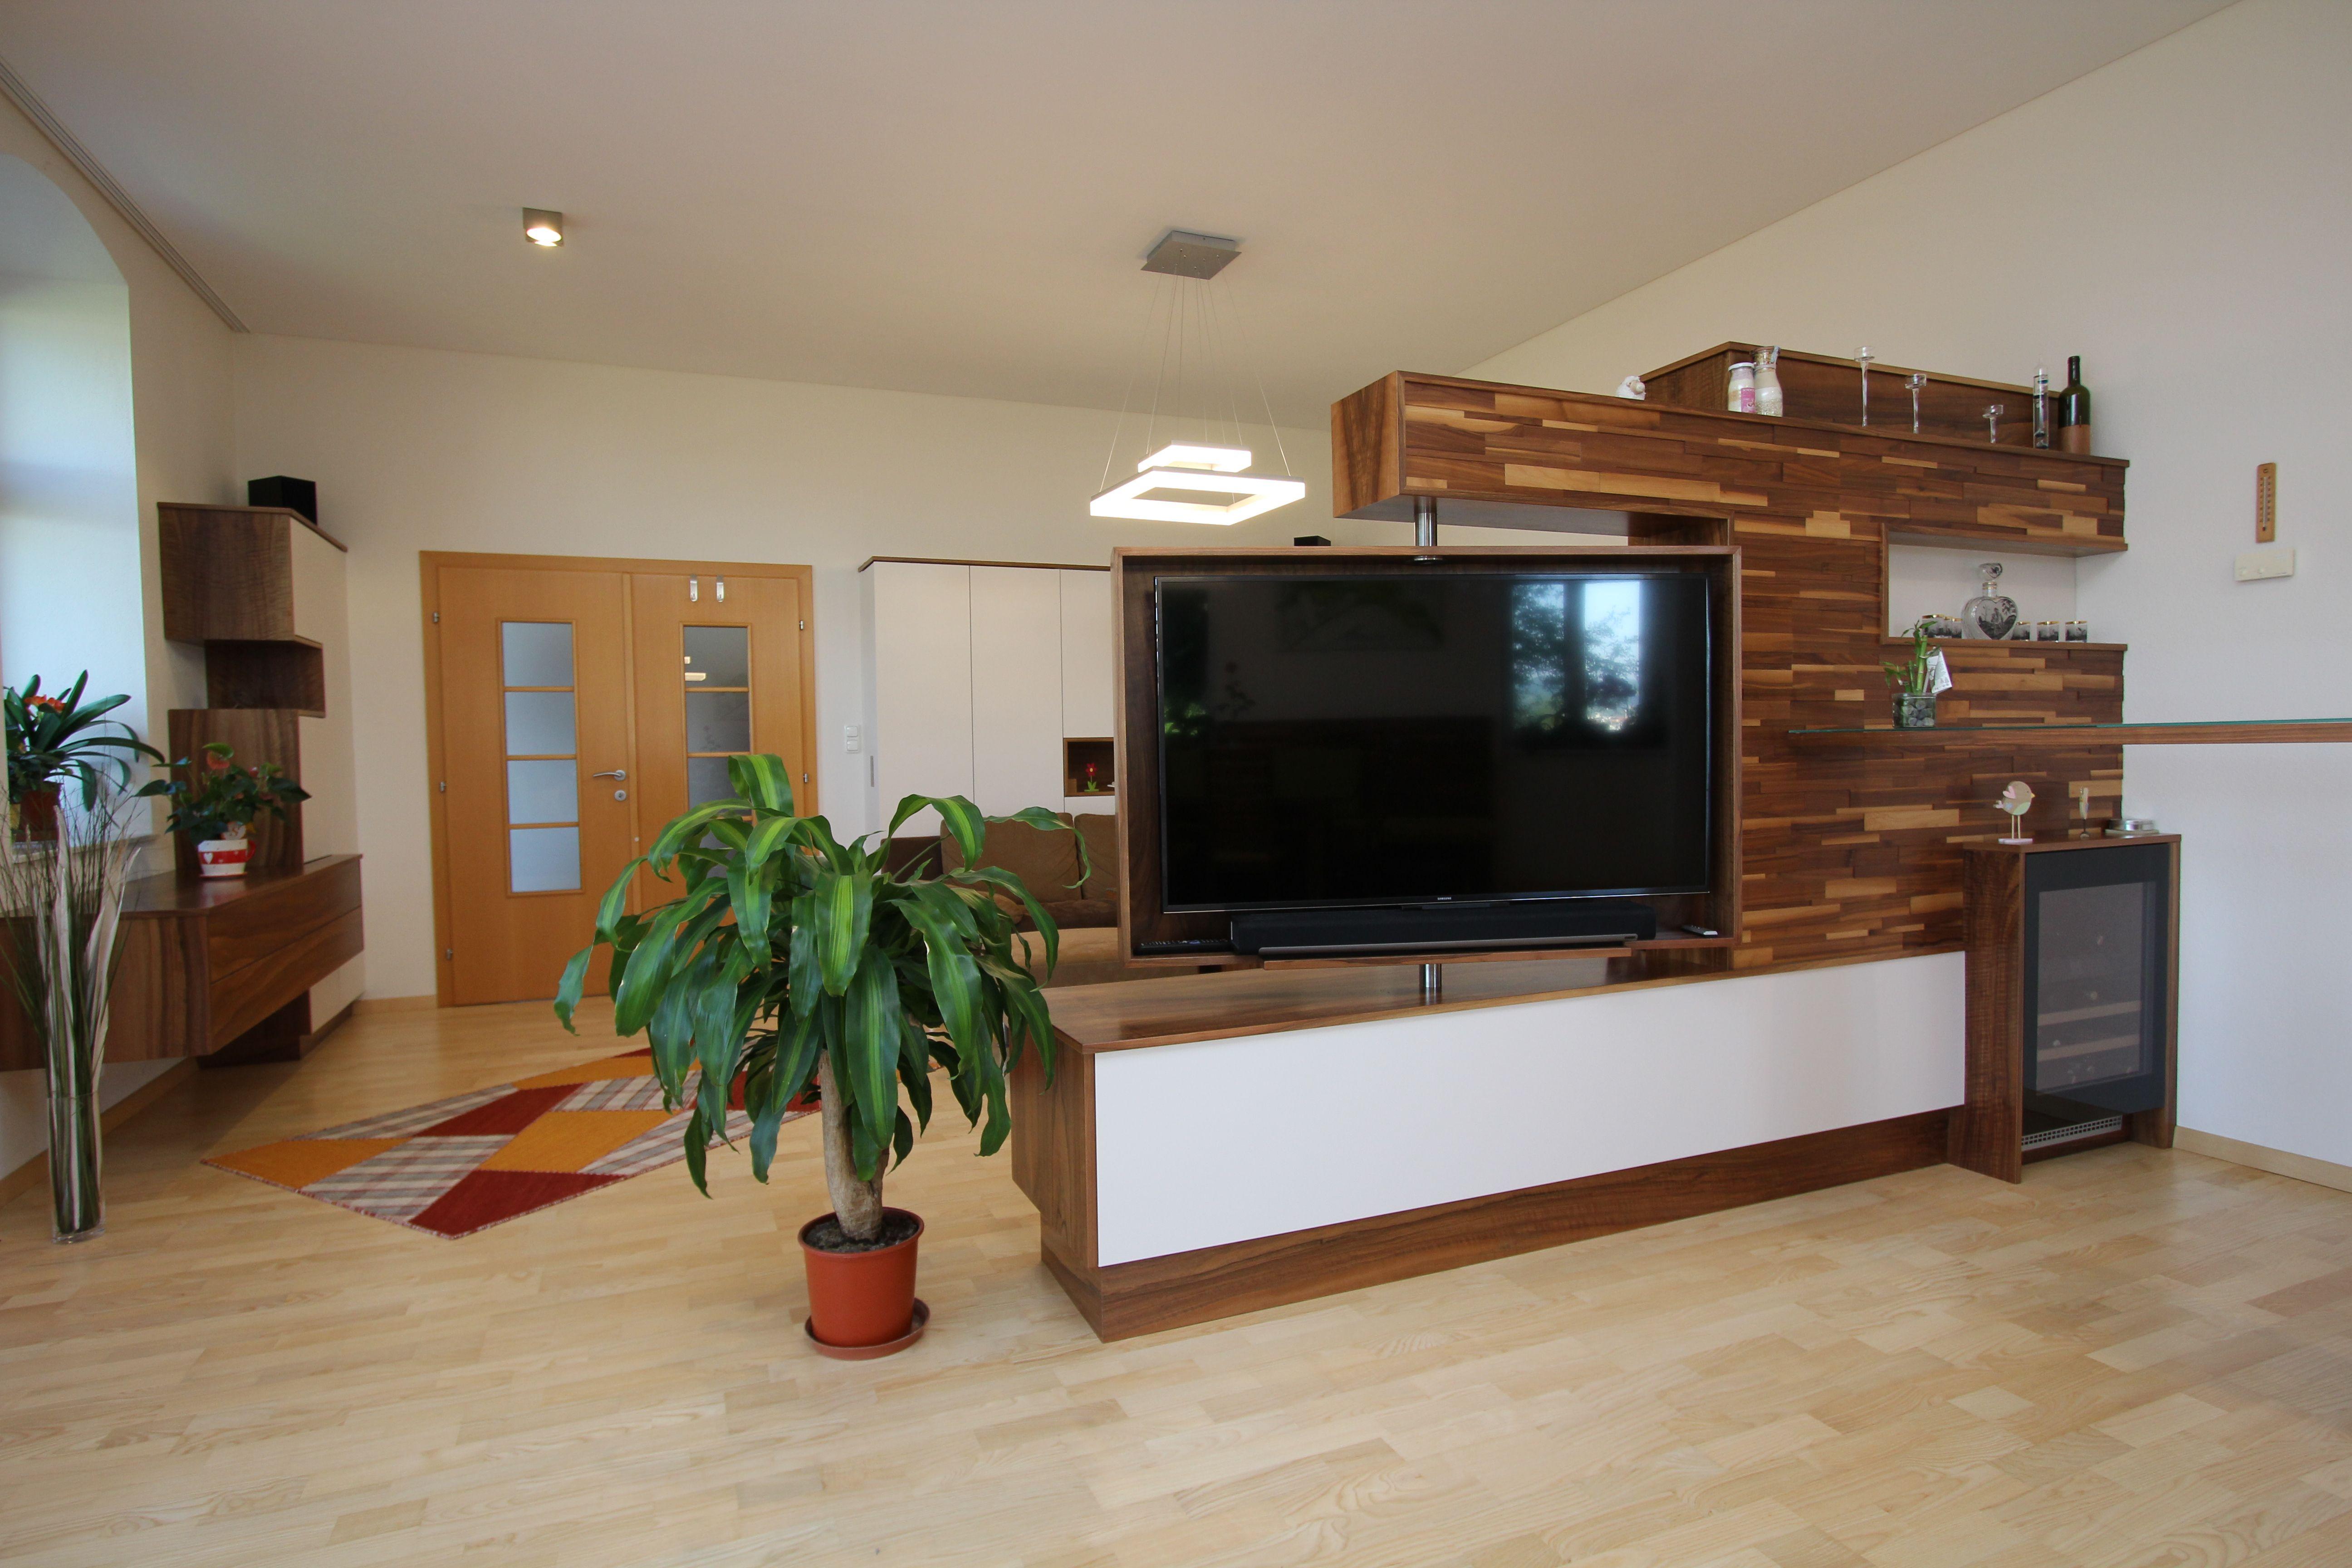 Wohnzimmer mit drehbaren Fernseher